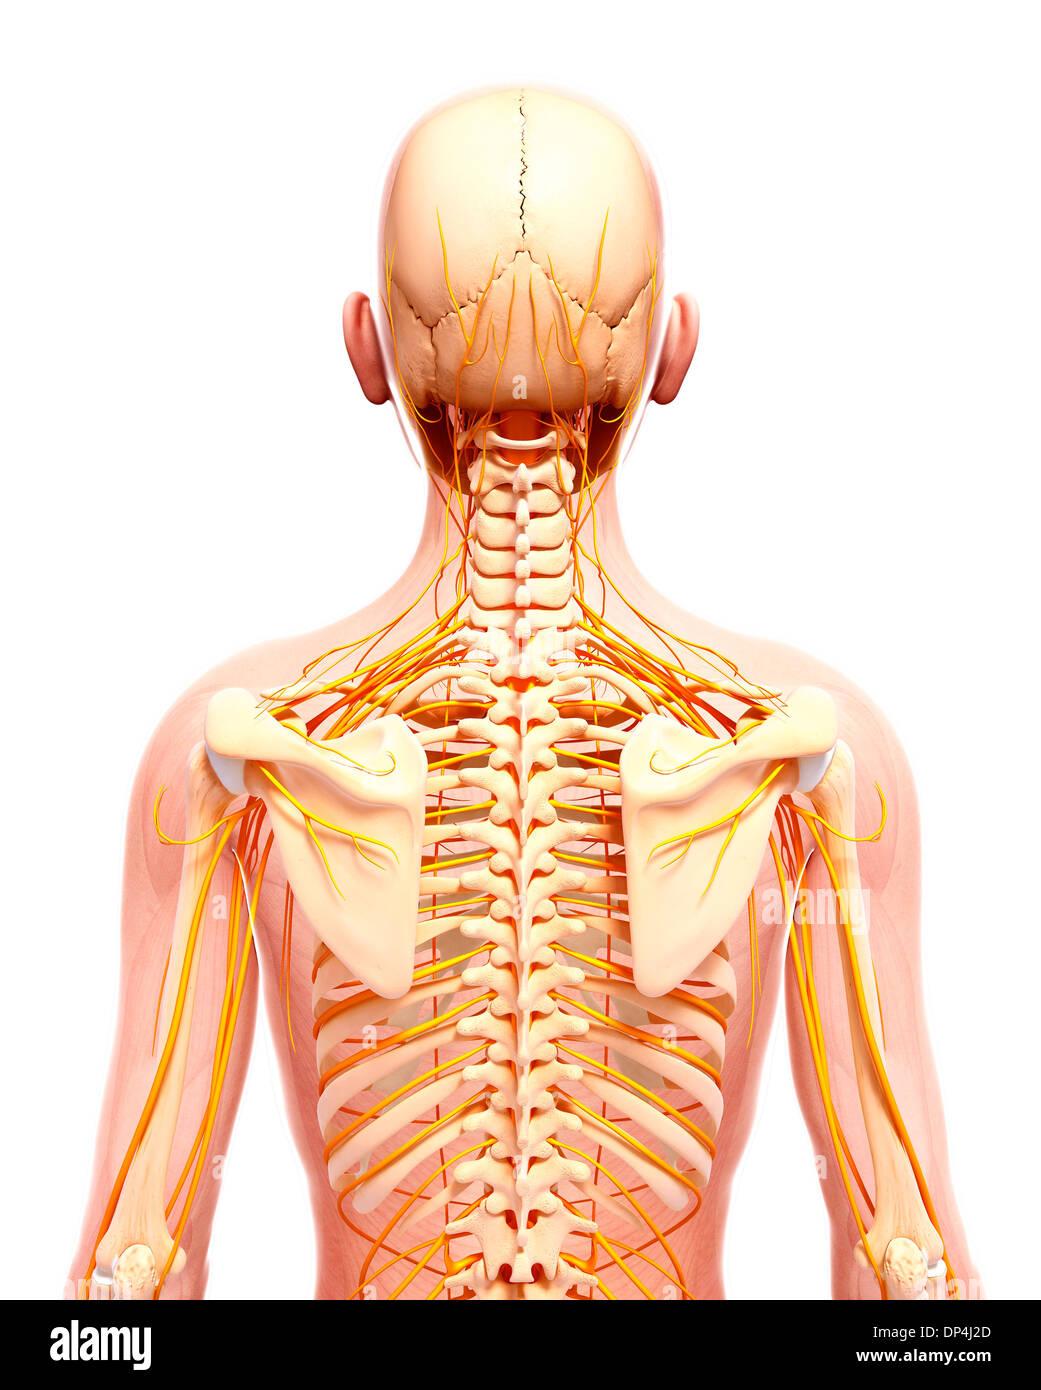 Menschlichen Nervensystem, artwork Stockfoto, Bild: 65255525 - Alamy